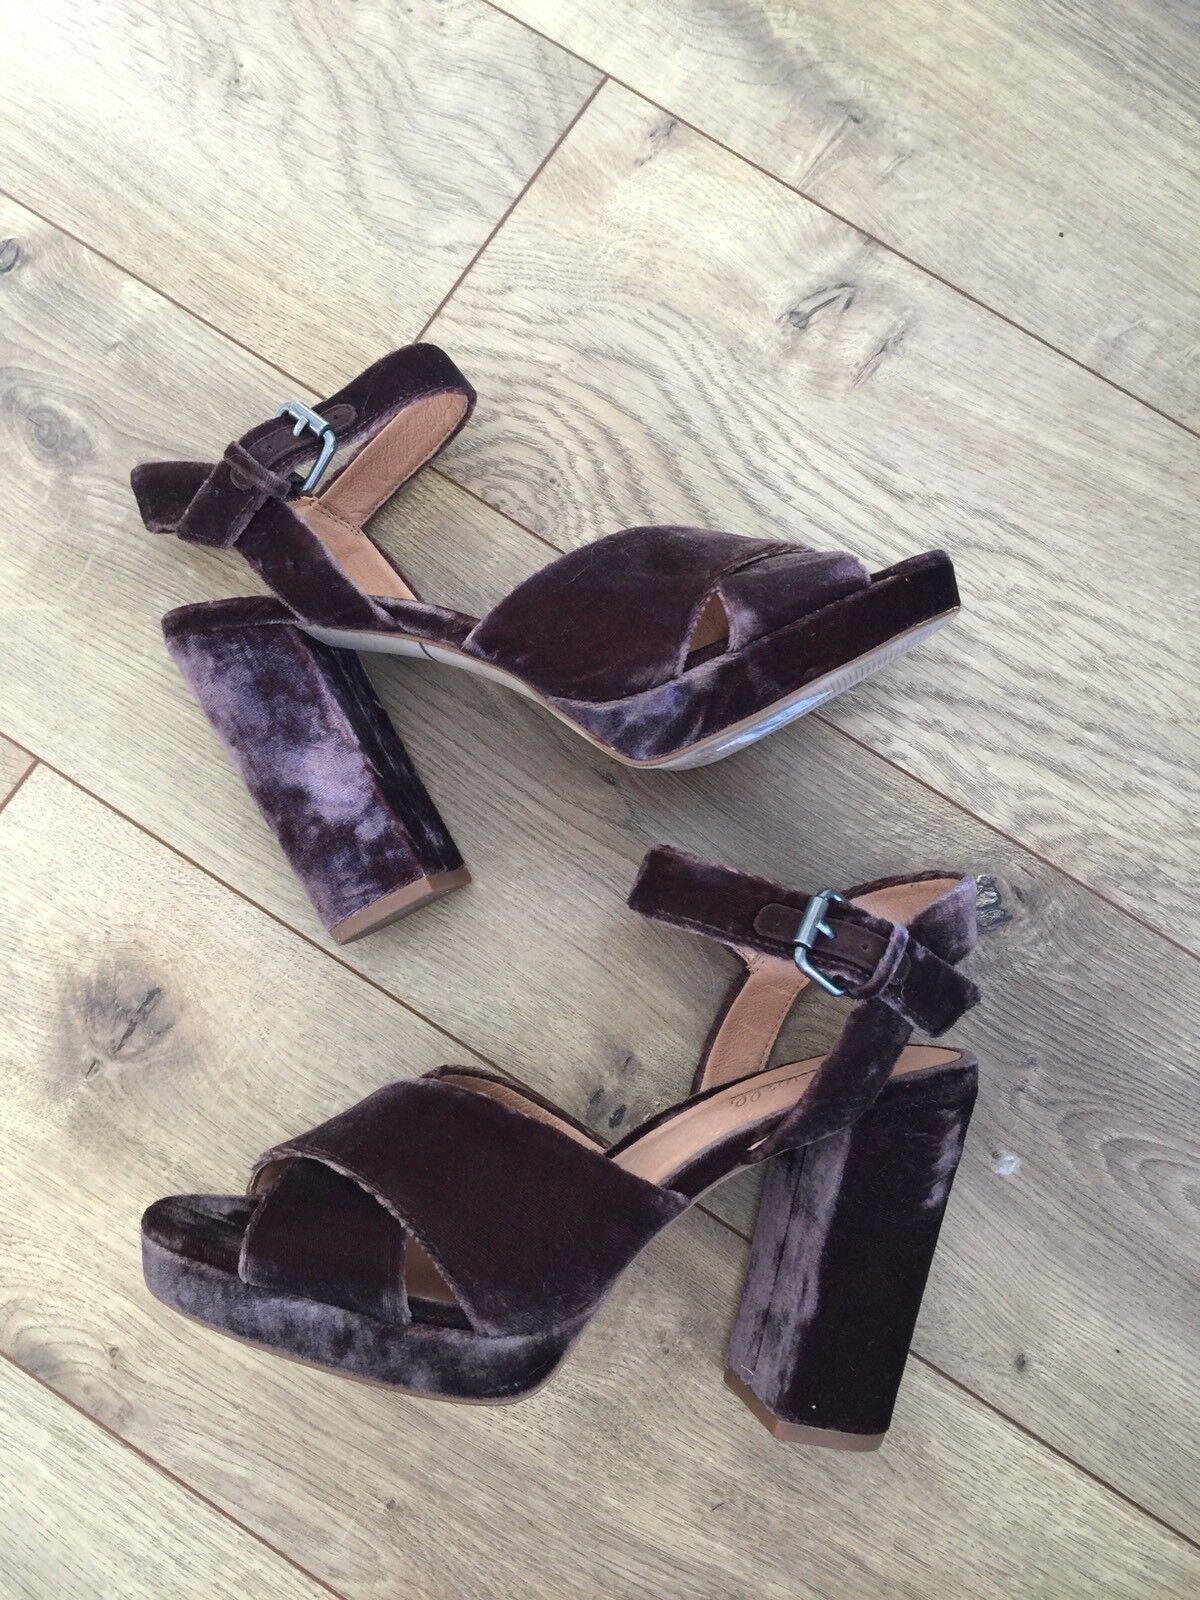 New Sandal Madewell $168 The Vanessa Sandal New in Velvet 8.5 Wild Boar Braun Heels G8411 8a88c5